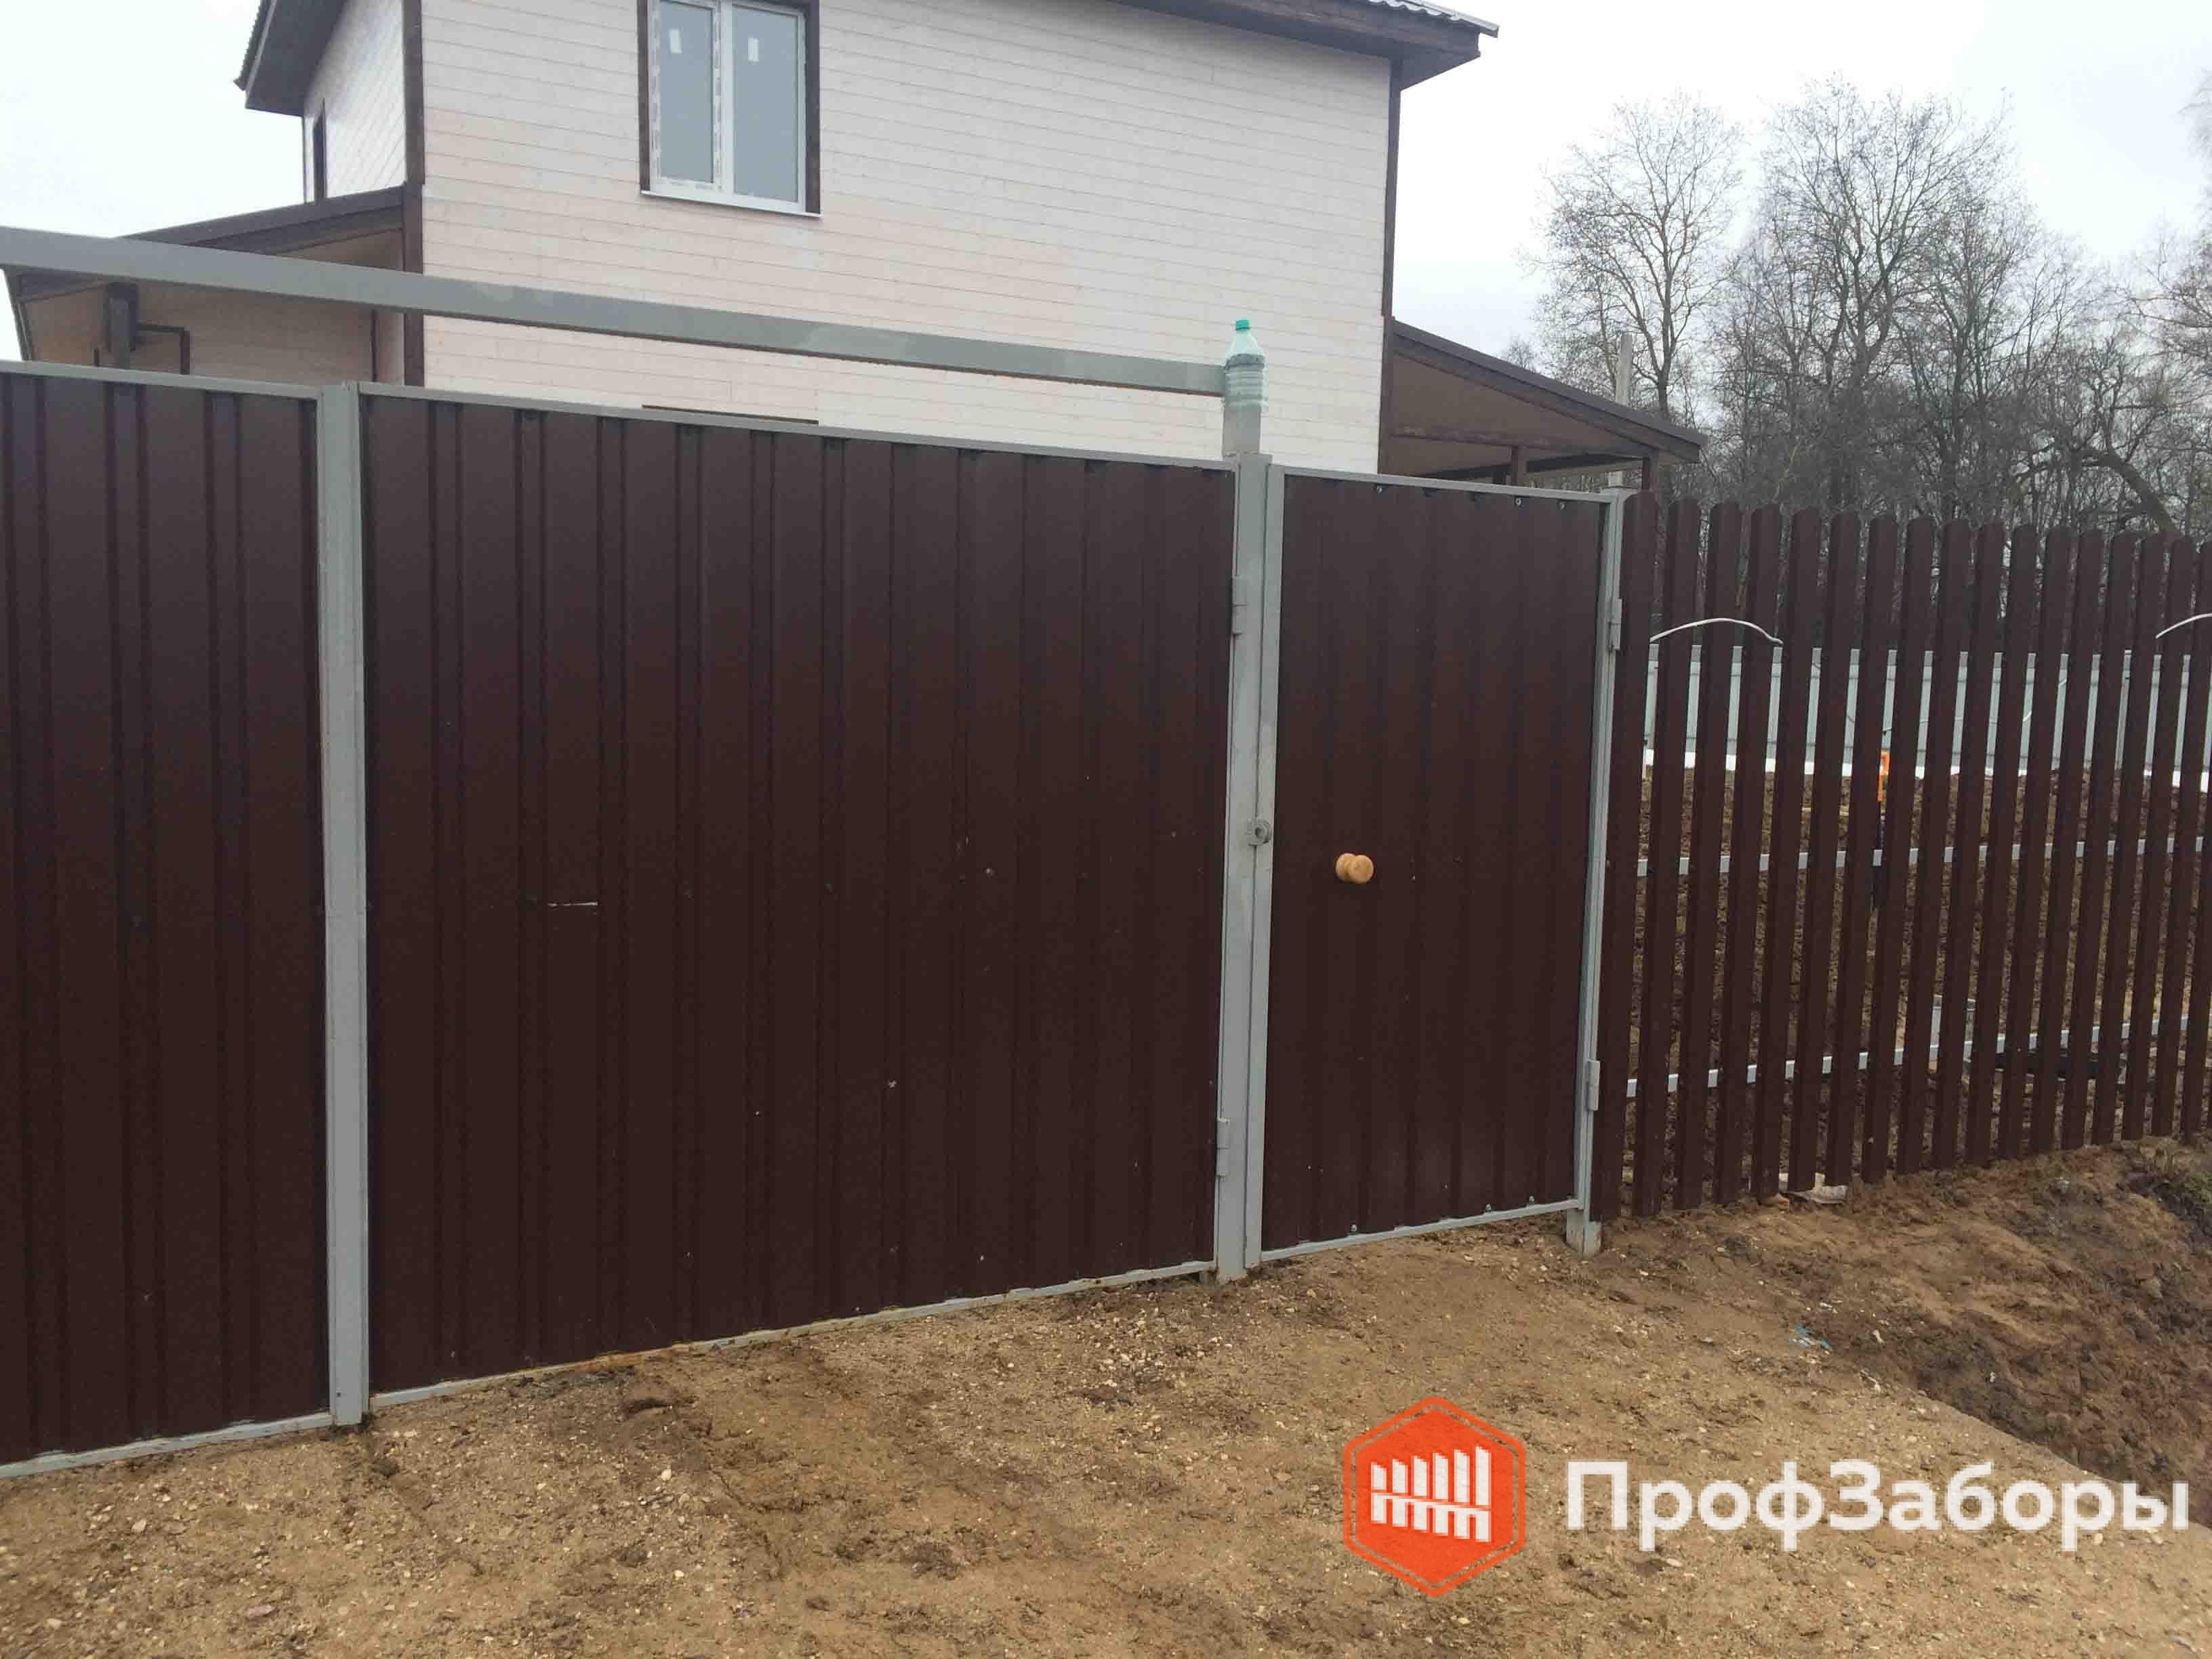 Комбинированный забор - профнастил и евроштакетник